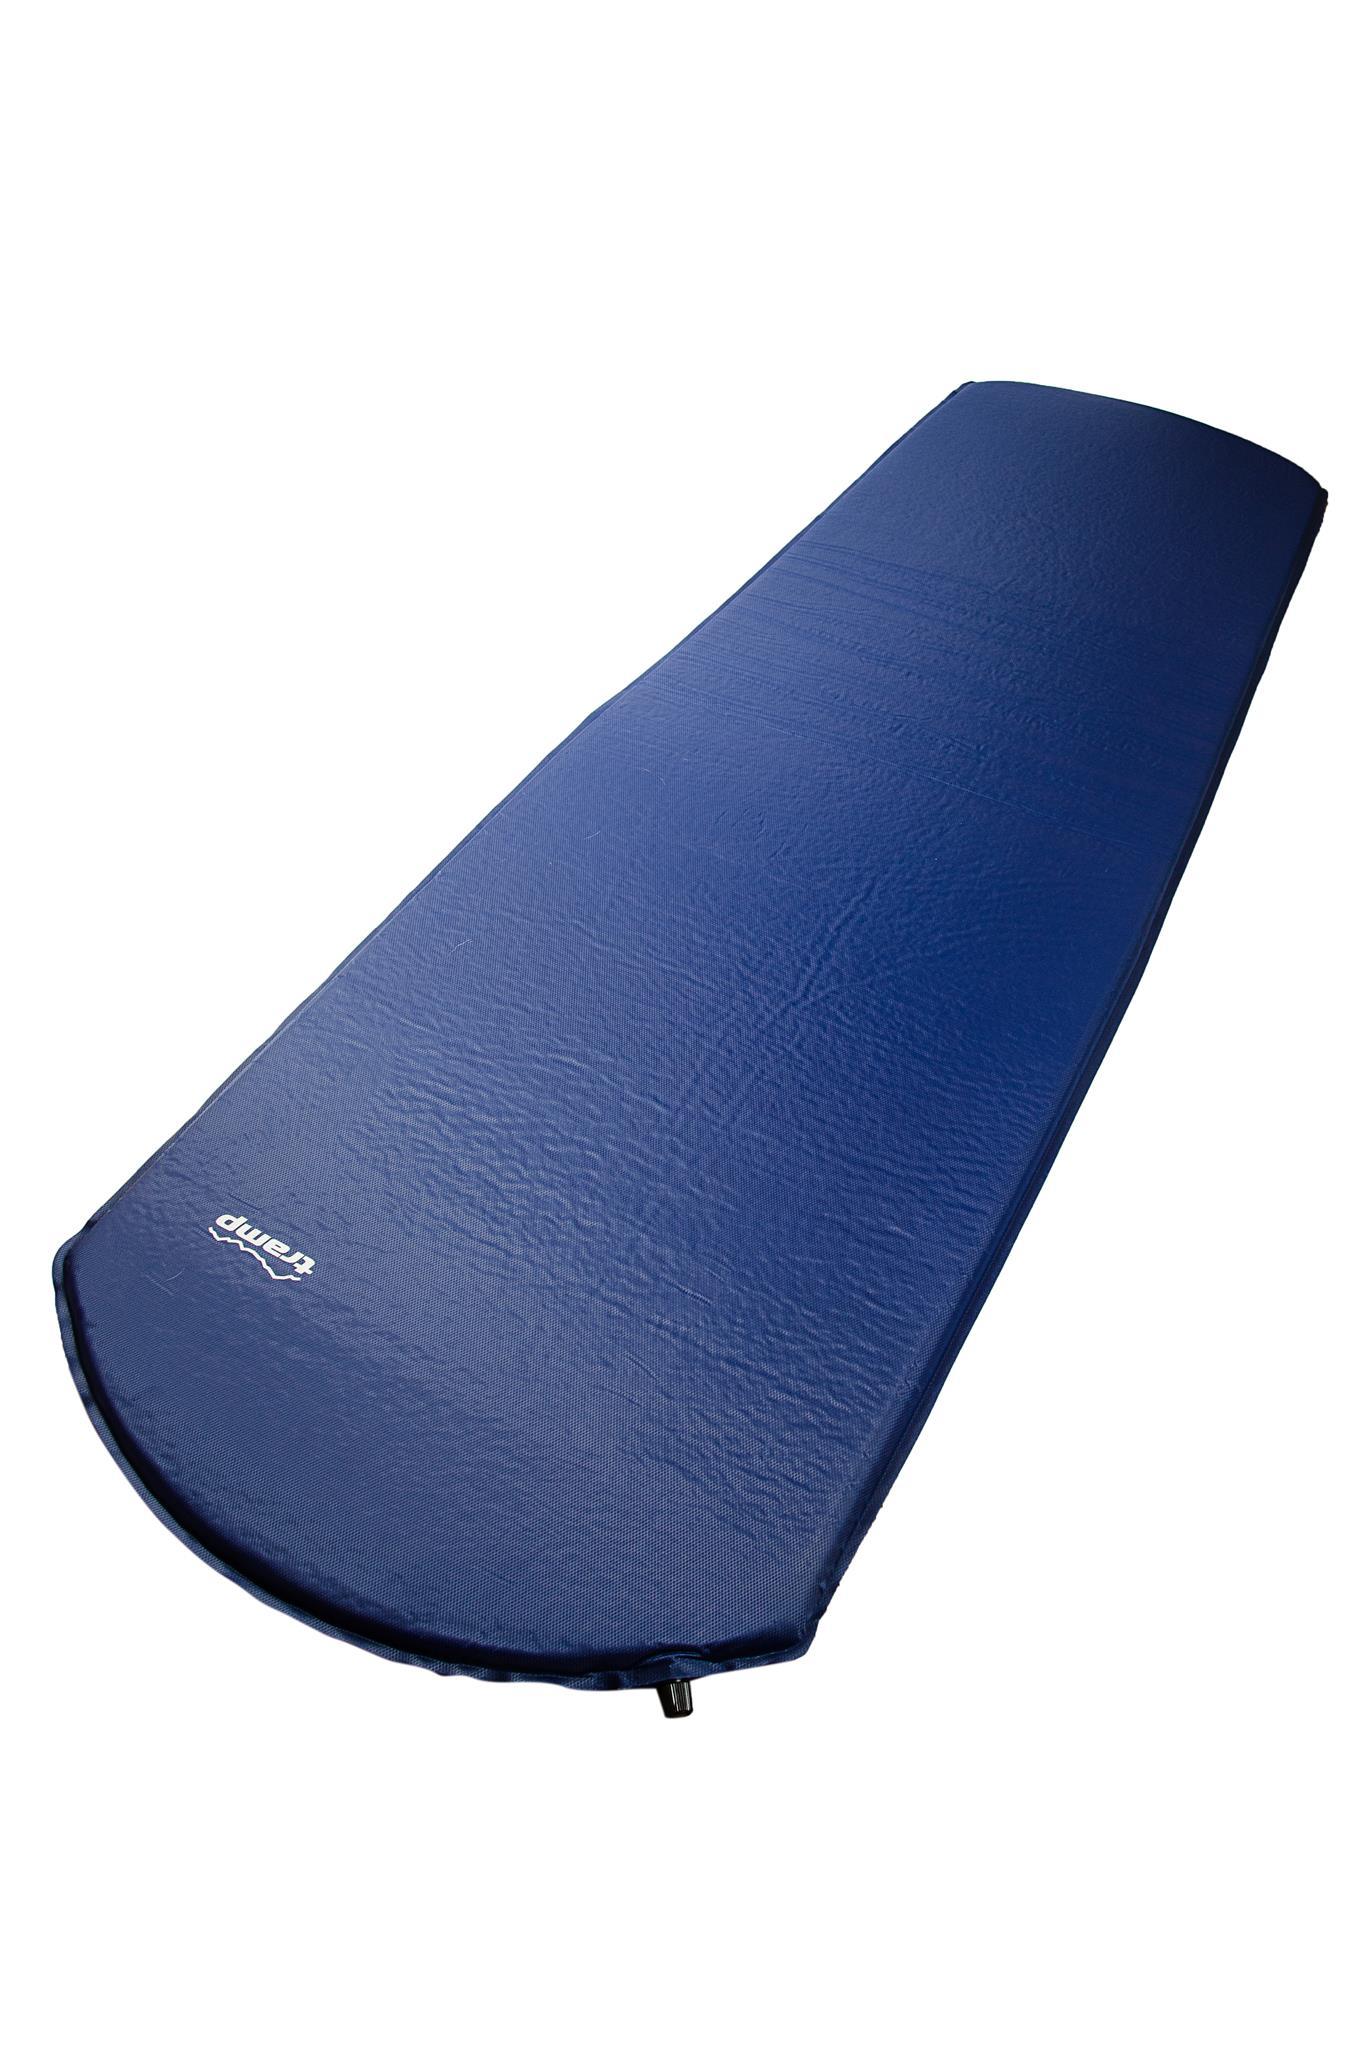 Коврик Tramp TRI-005 самонадувающийсяTramp TRI-005 — одноместный самонадувающийся коврик для сна на природе. Имеет чехол и стягивающие ремни. Выдерживает нагрузку до 75 кг.<br><br>Вес кг: 1.10000000